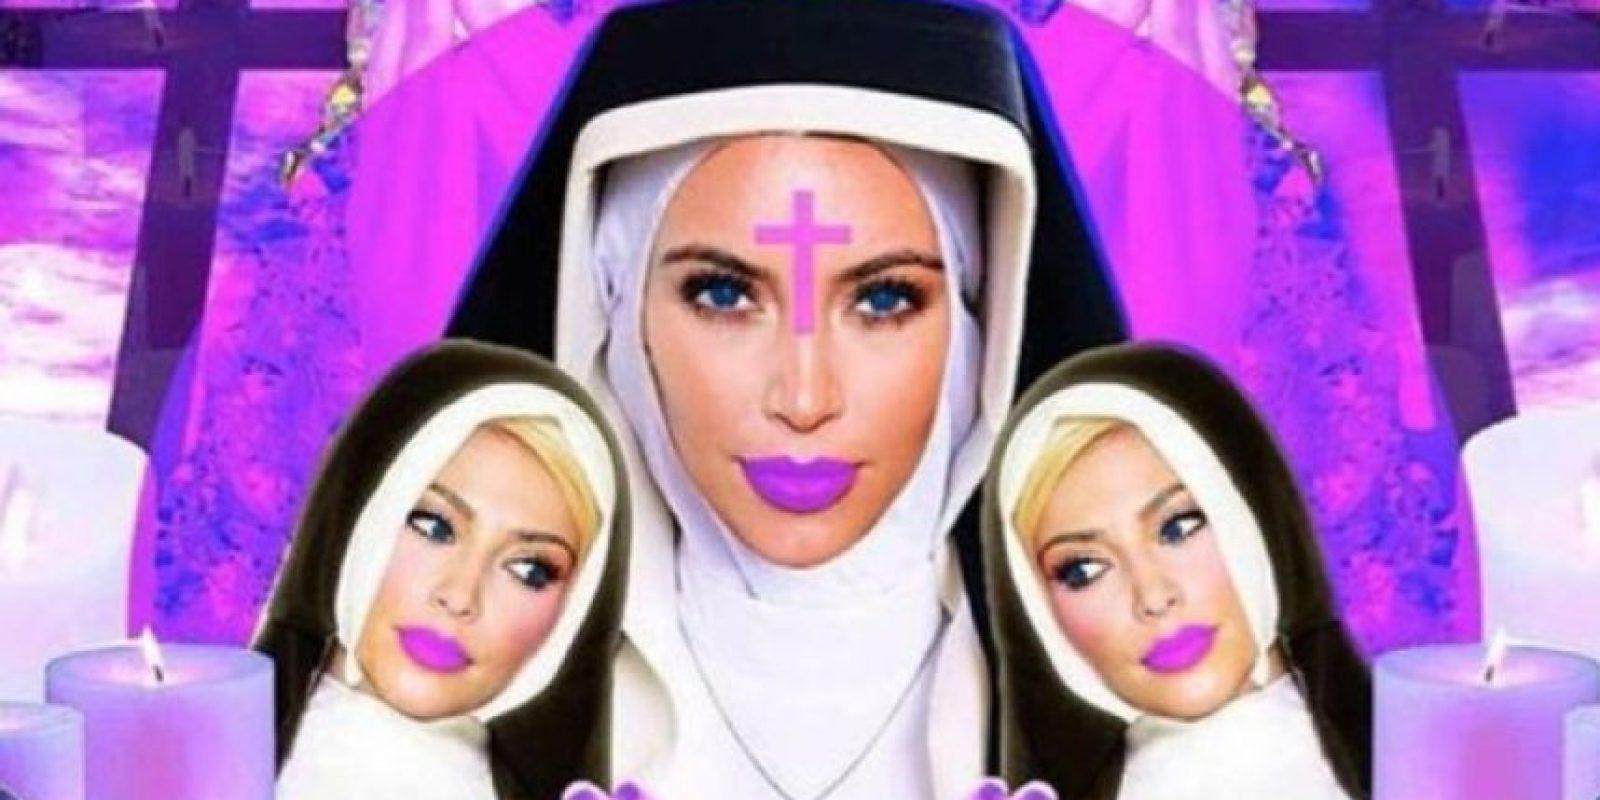 O una figura religiosa Foto:Twitter